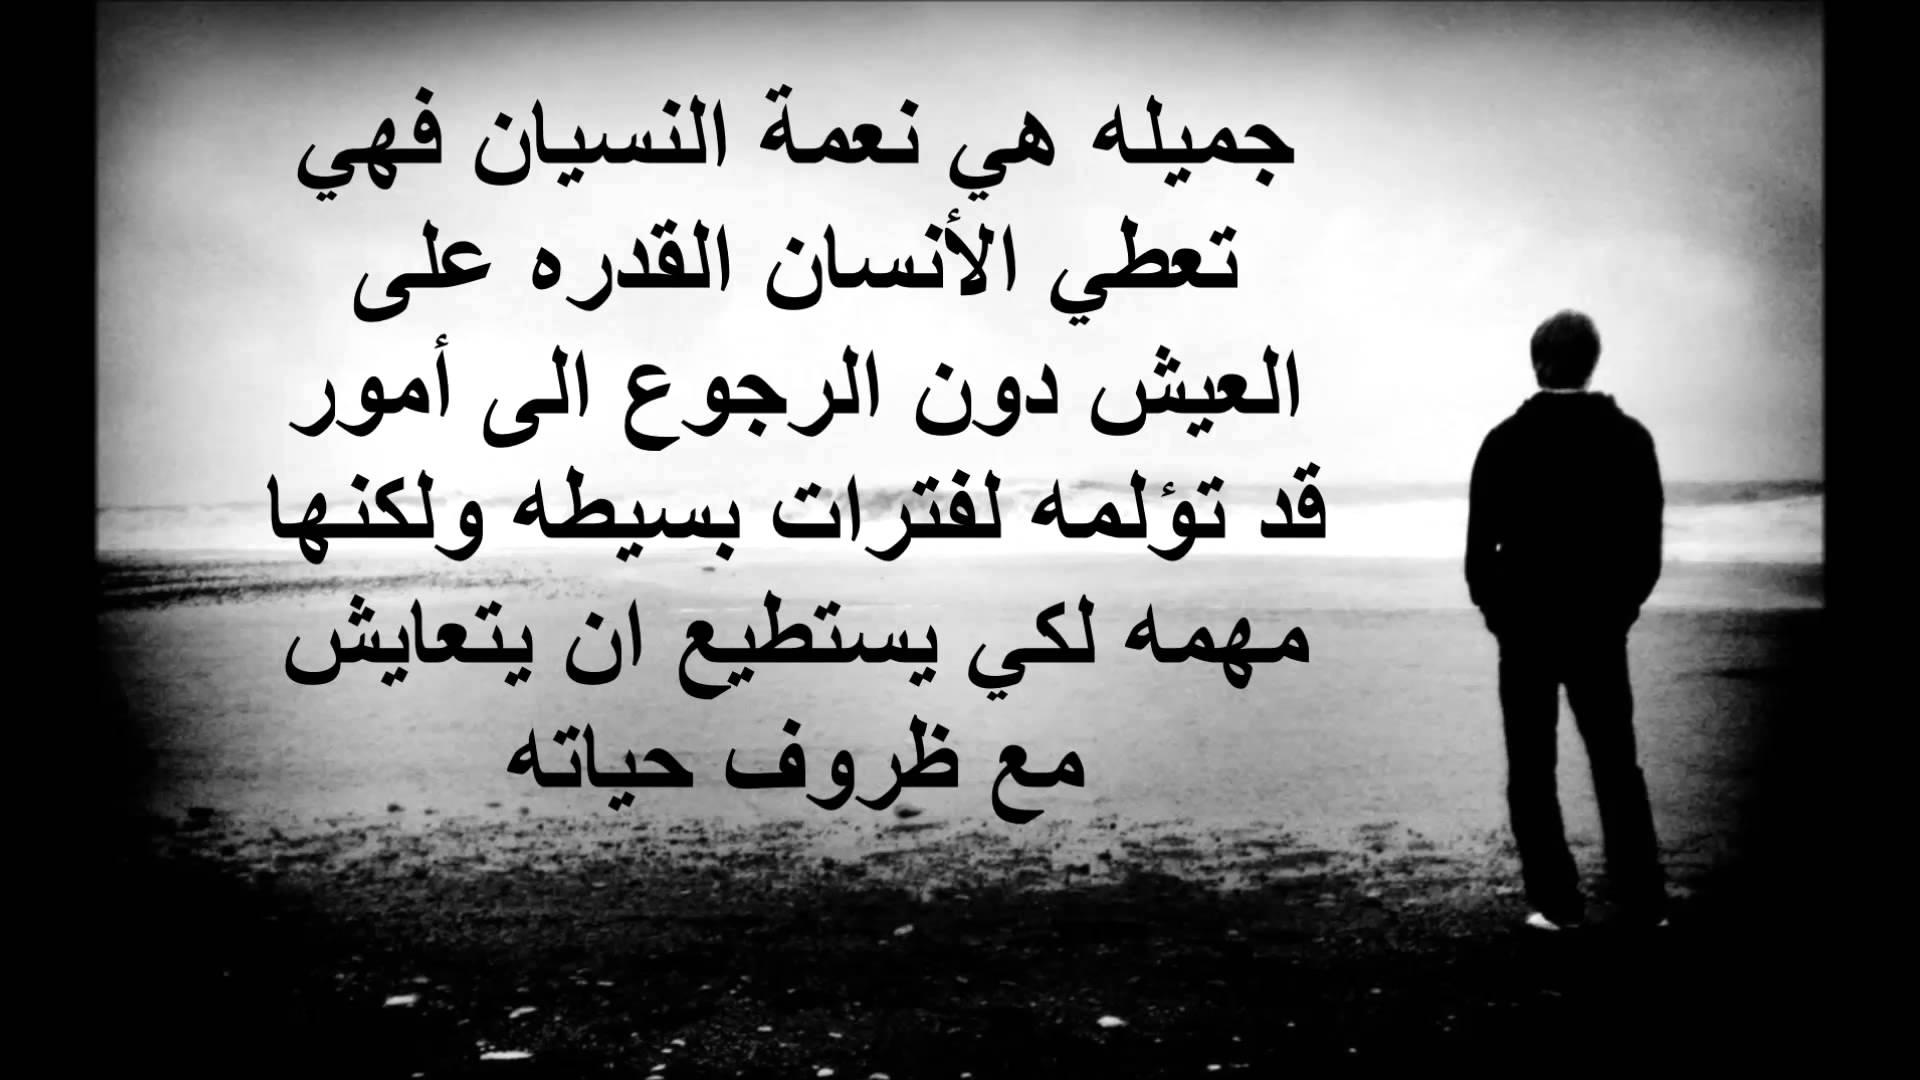 صورة صور مكتوب عليها كلام حزين , بوستات عليها كلام شجن وحزن 4975 6